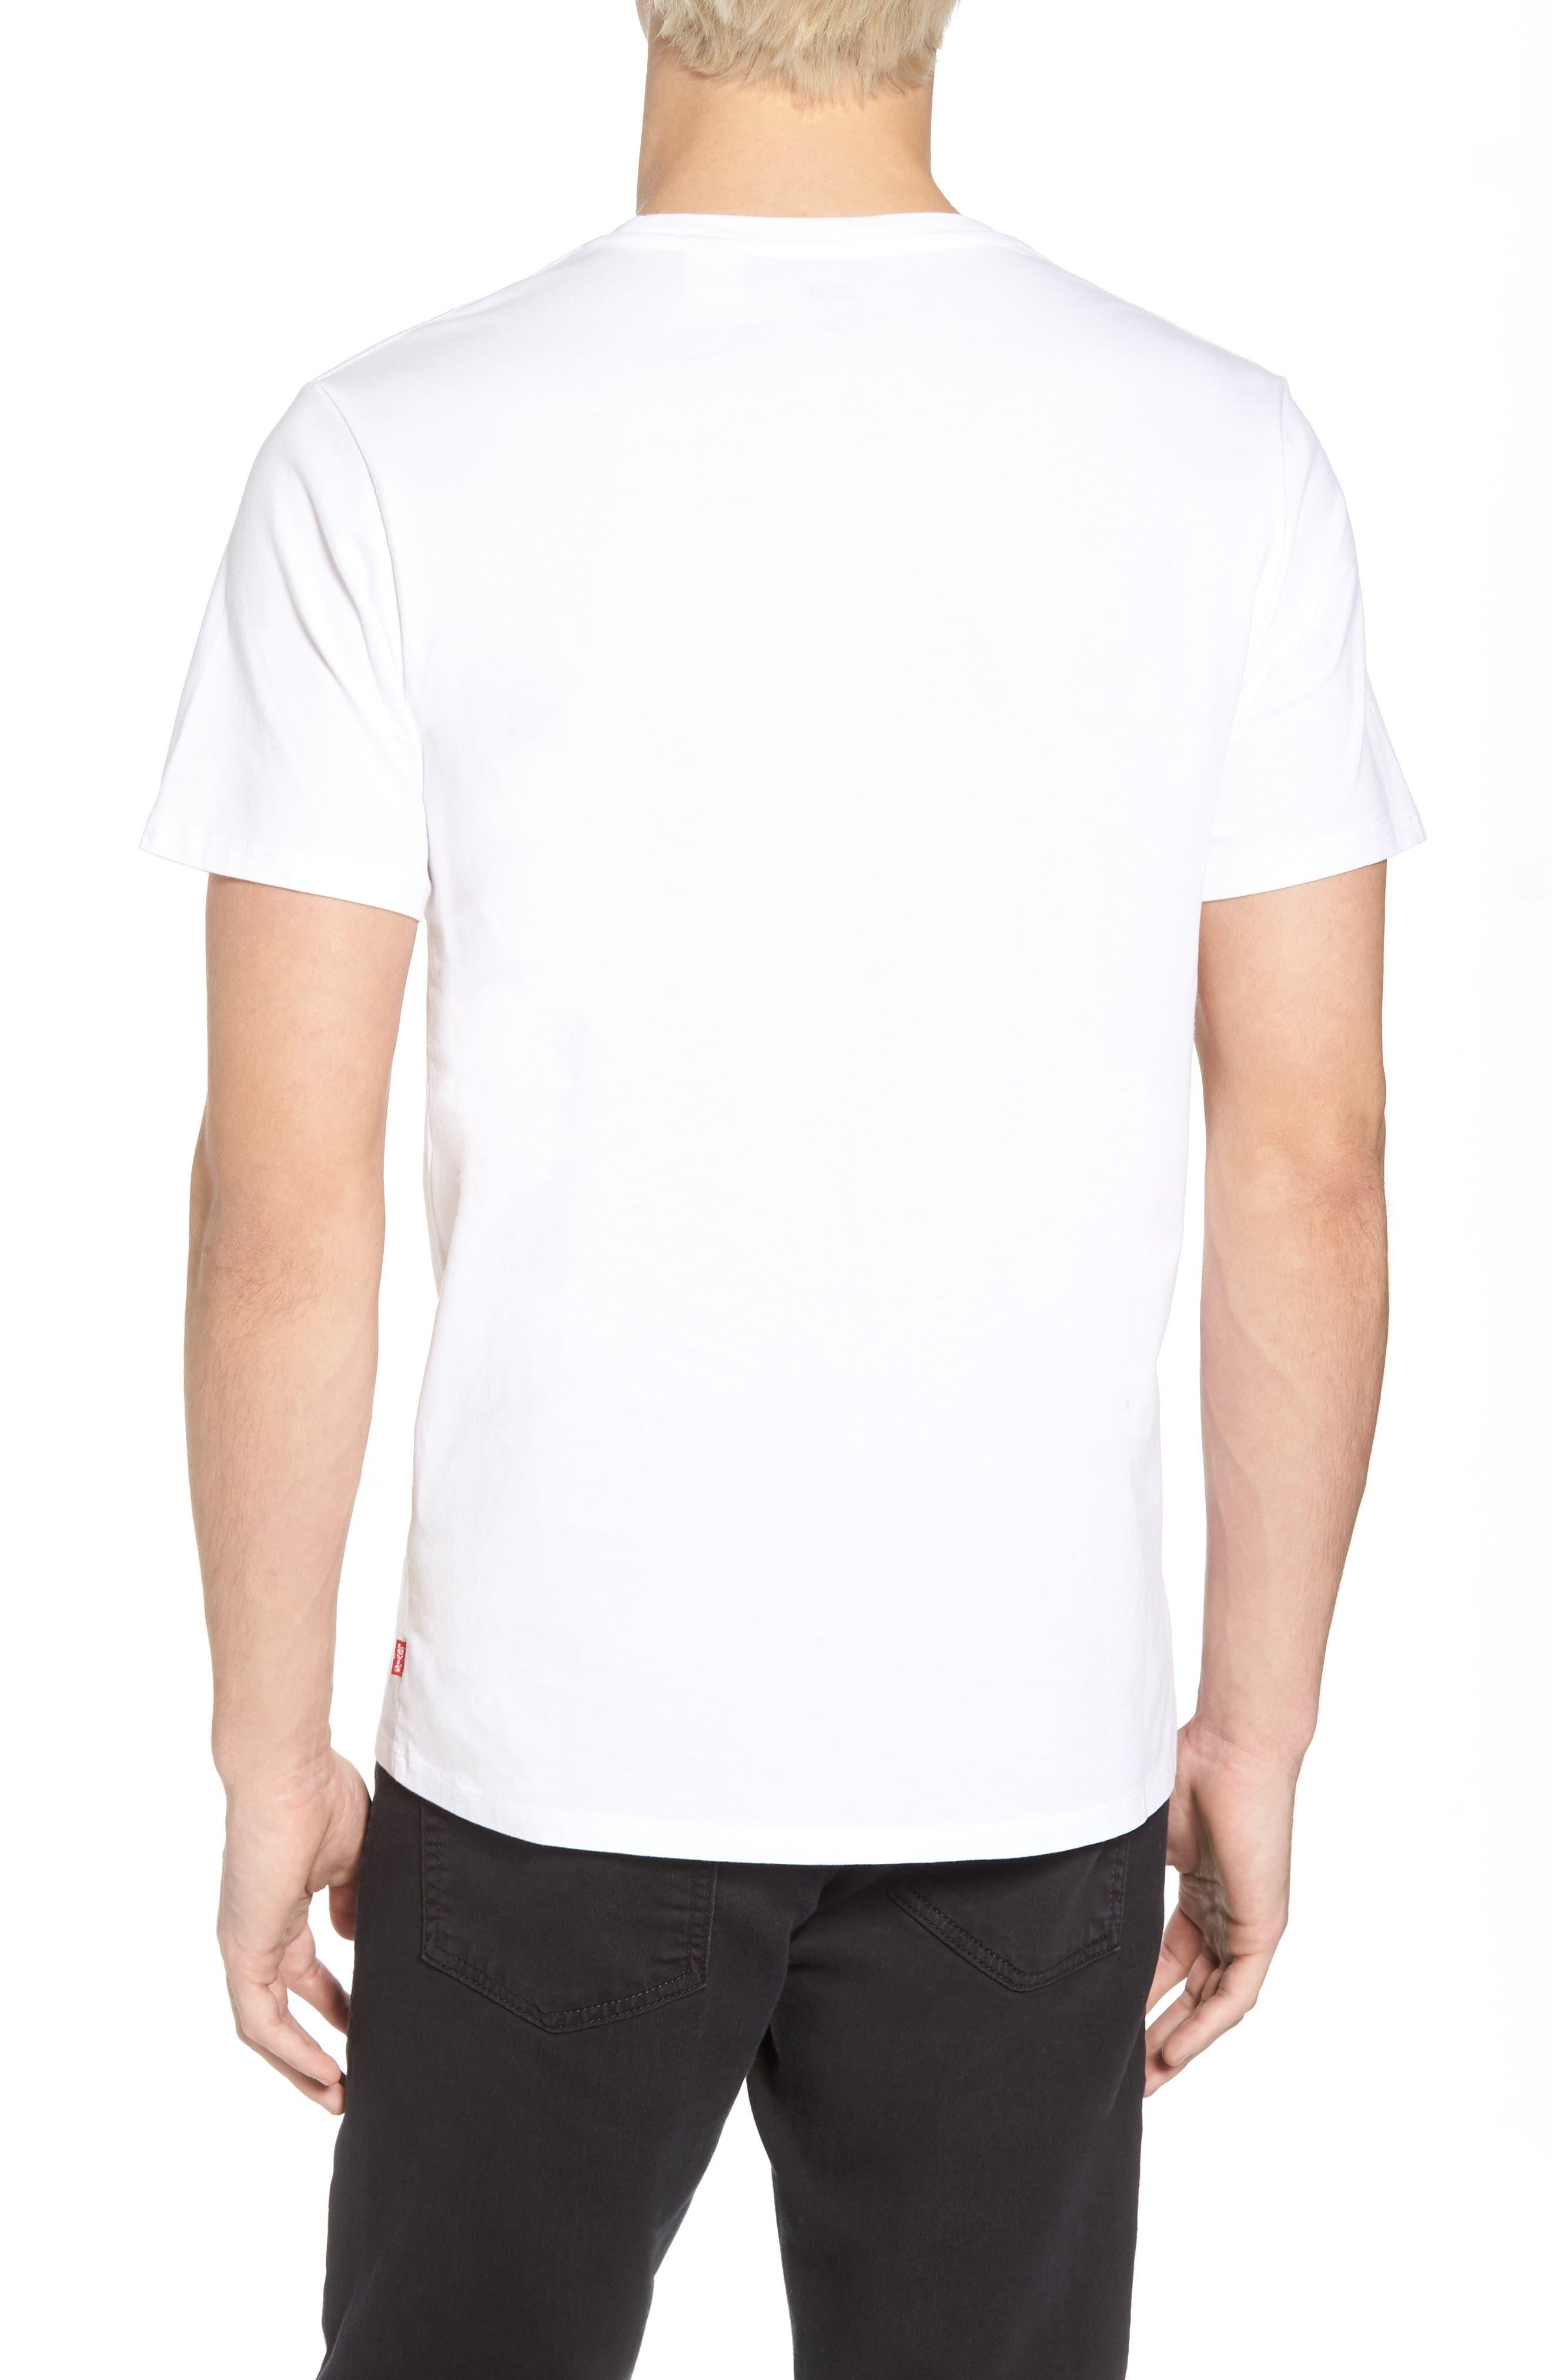 Housemark Graphic T-Shirt,                             Alternate thumbnail 2, color,                             Housemark White